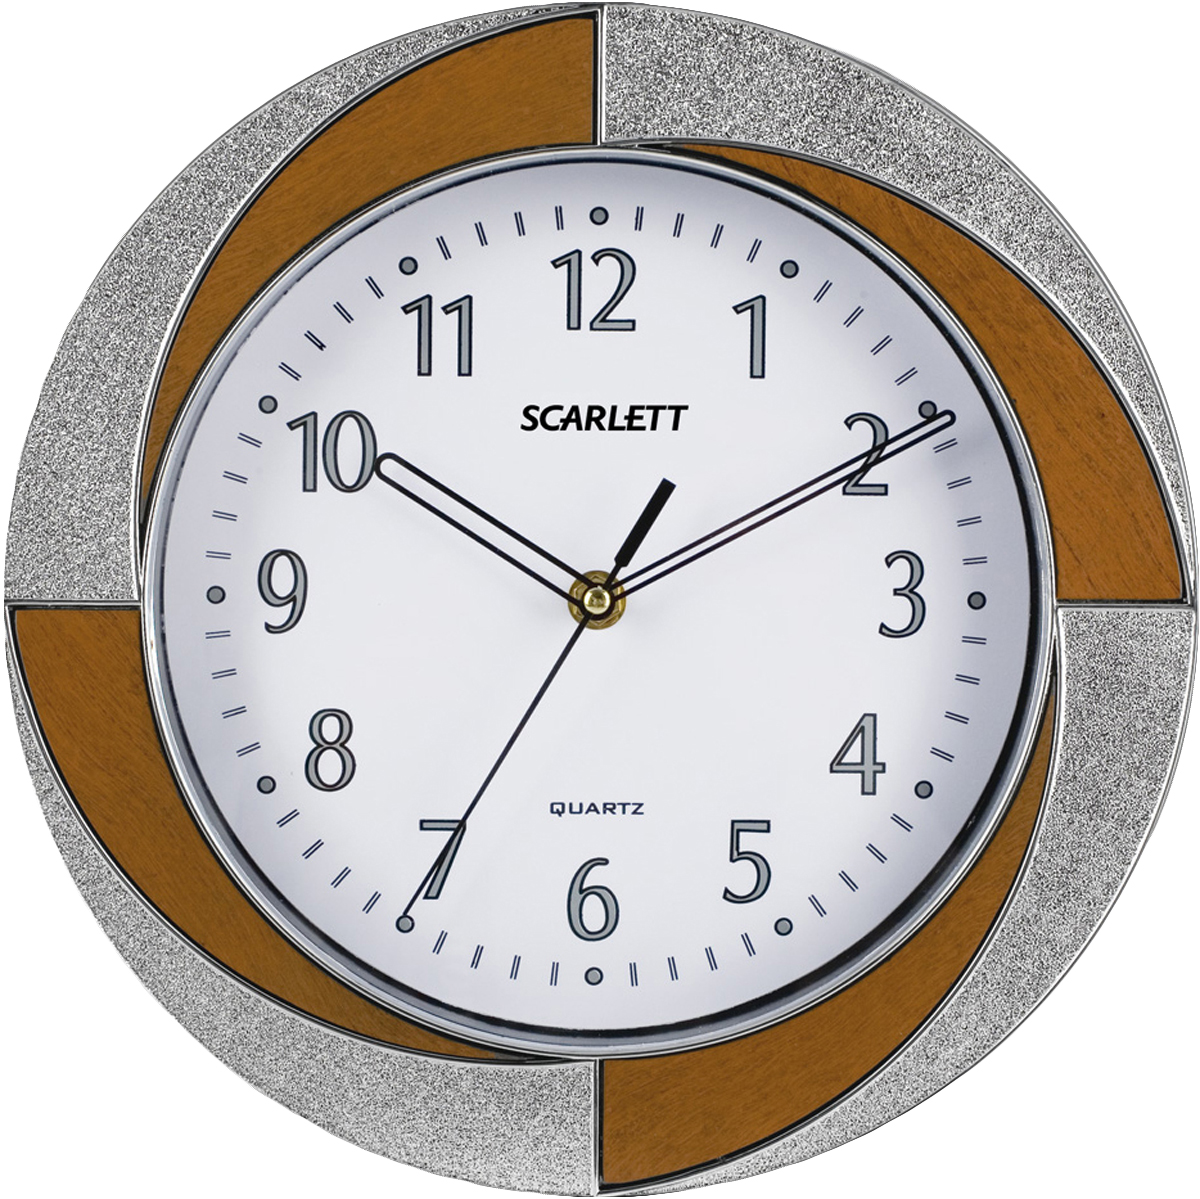 Scarlett SC-55RA часы настенныеSC-55RAЭлемент питания: тип АА 1.5V Период работы от одного элемента: 12 месяцев Относительная влажность помещения от 30% до 80% Температура: от 1°С до 45°С Плавный ход секундной стрелки